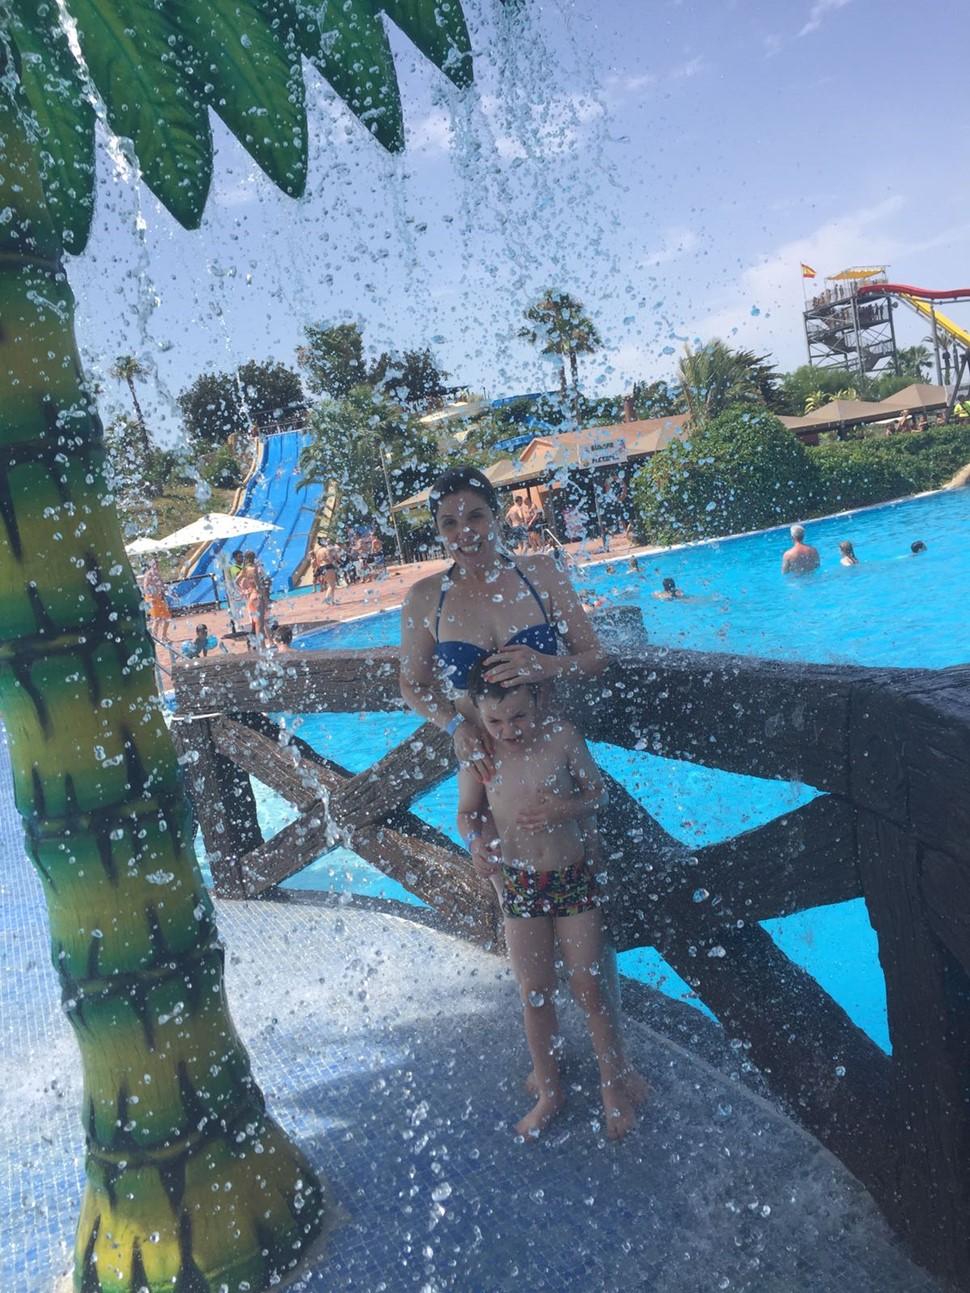 Cristina B Especial Verano 2017 Ducha en el parque acuático